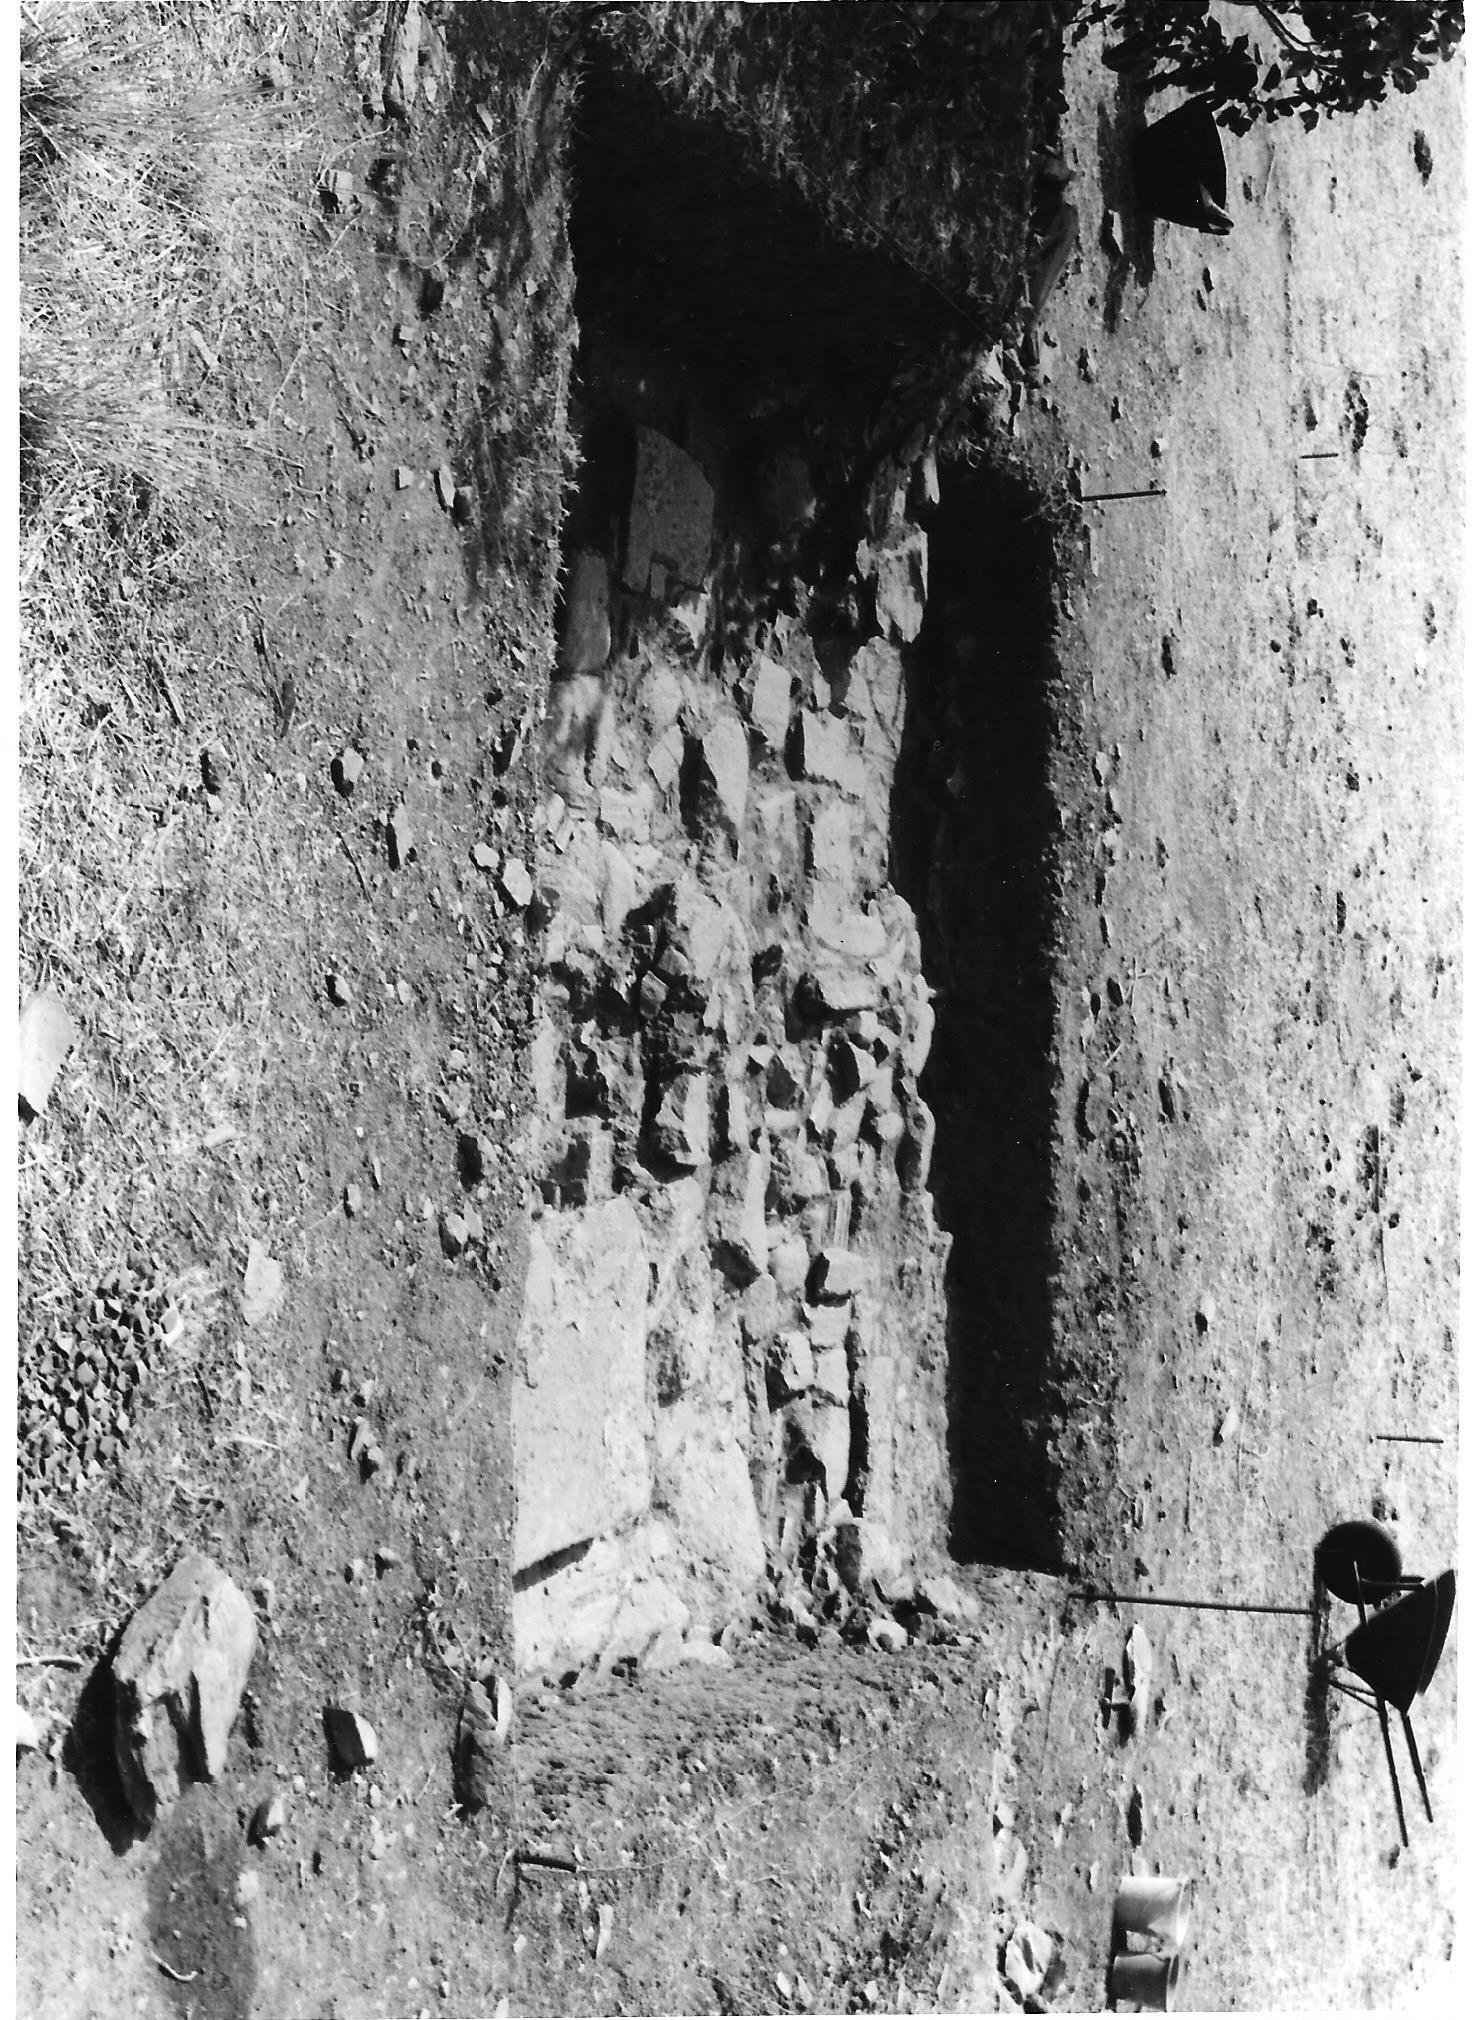 Ανασκαφή, άνω άνδηρο, 1993 001